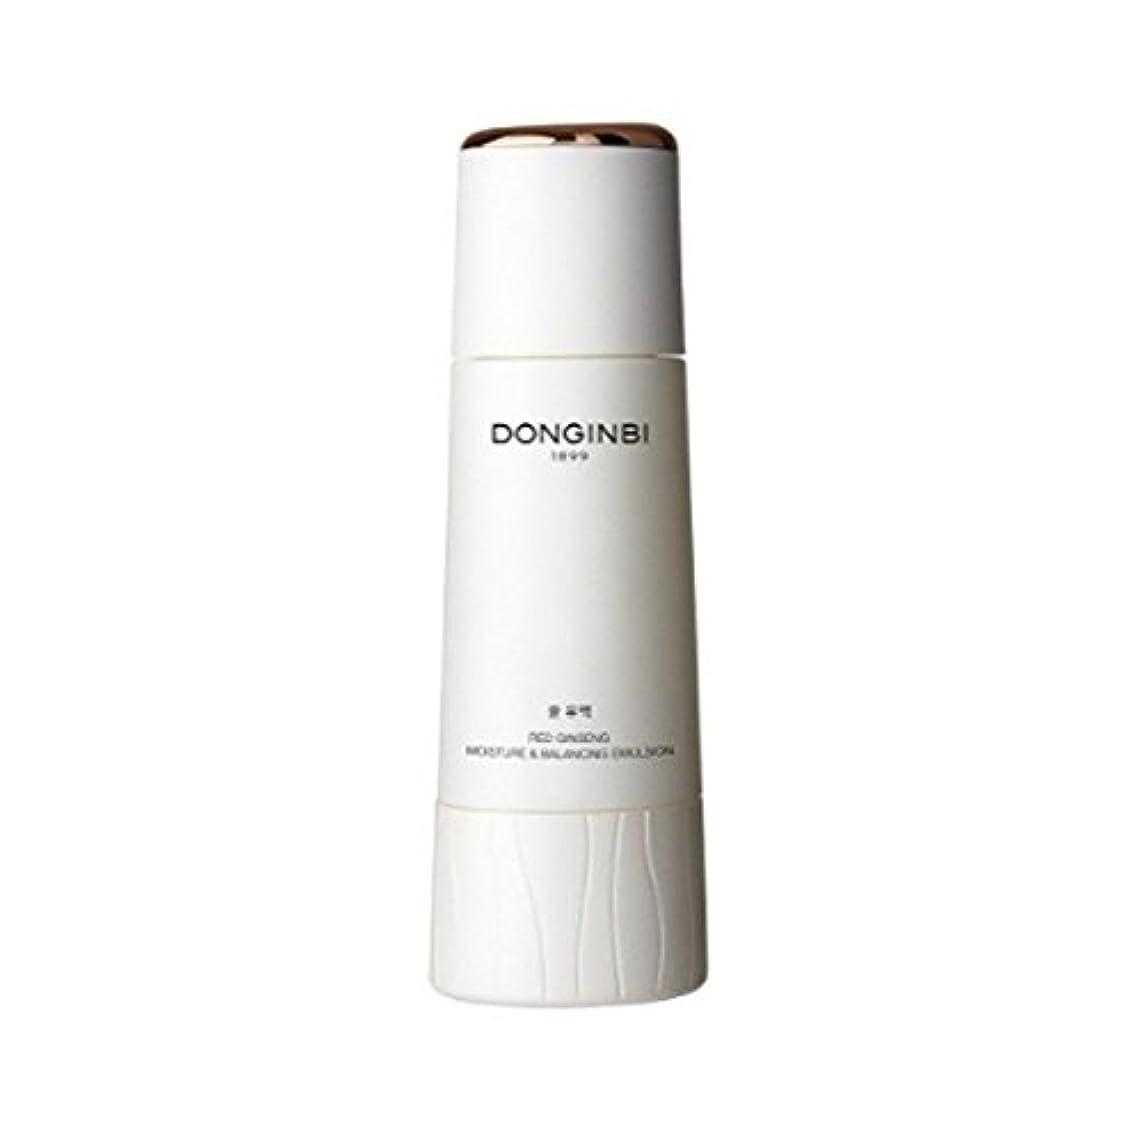 準備パレード牧草地[ドンインビ]DONGINBI ドンインビユン 乳液 130ml 海外直送品 Emulsion130ml [並行輸入品]